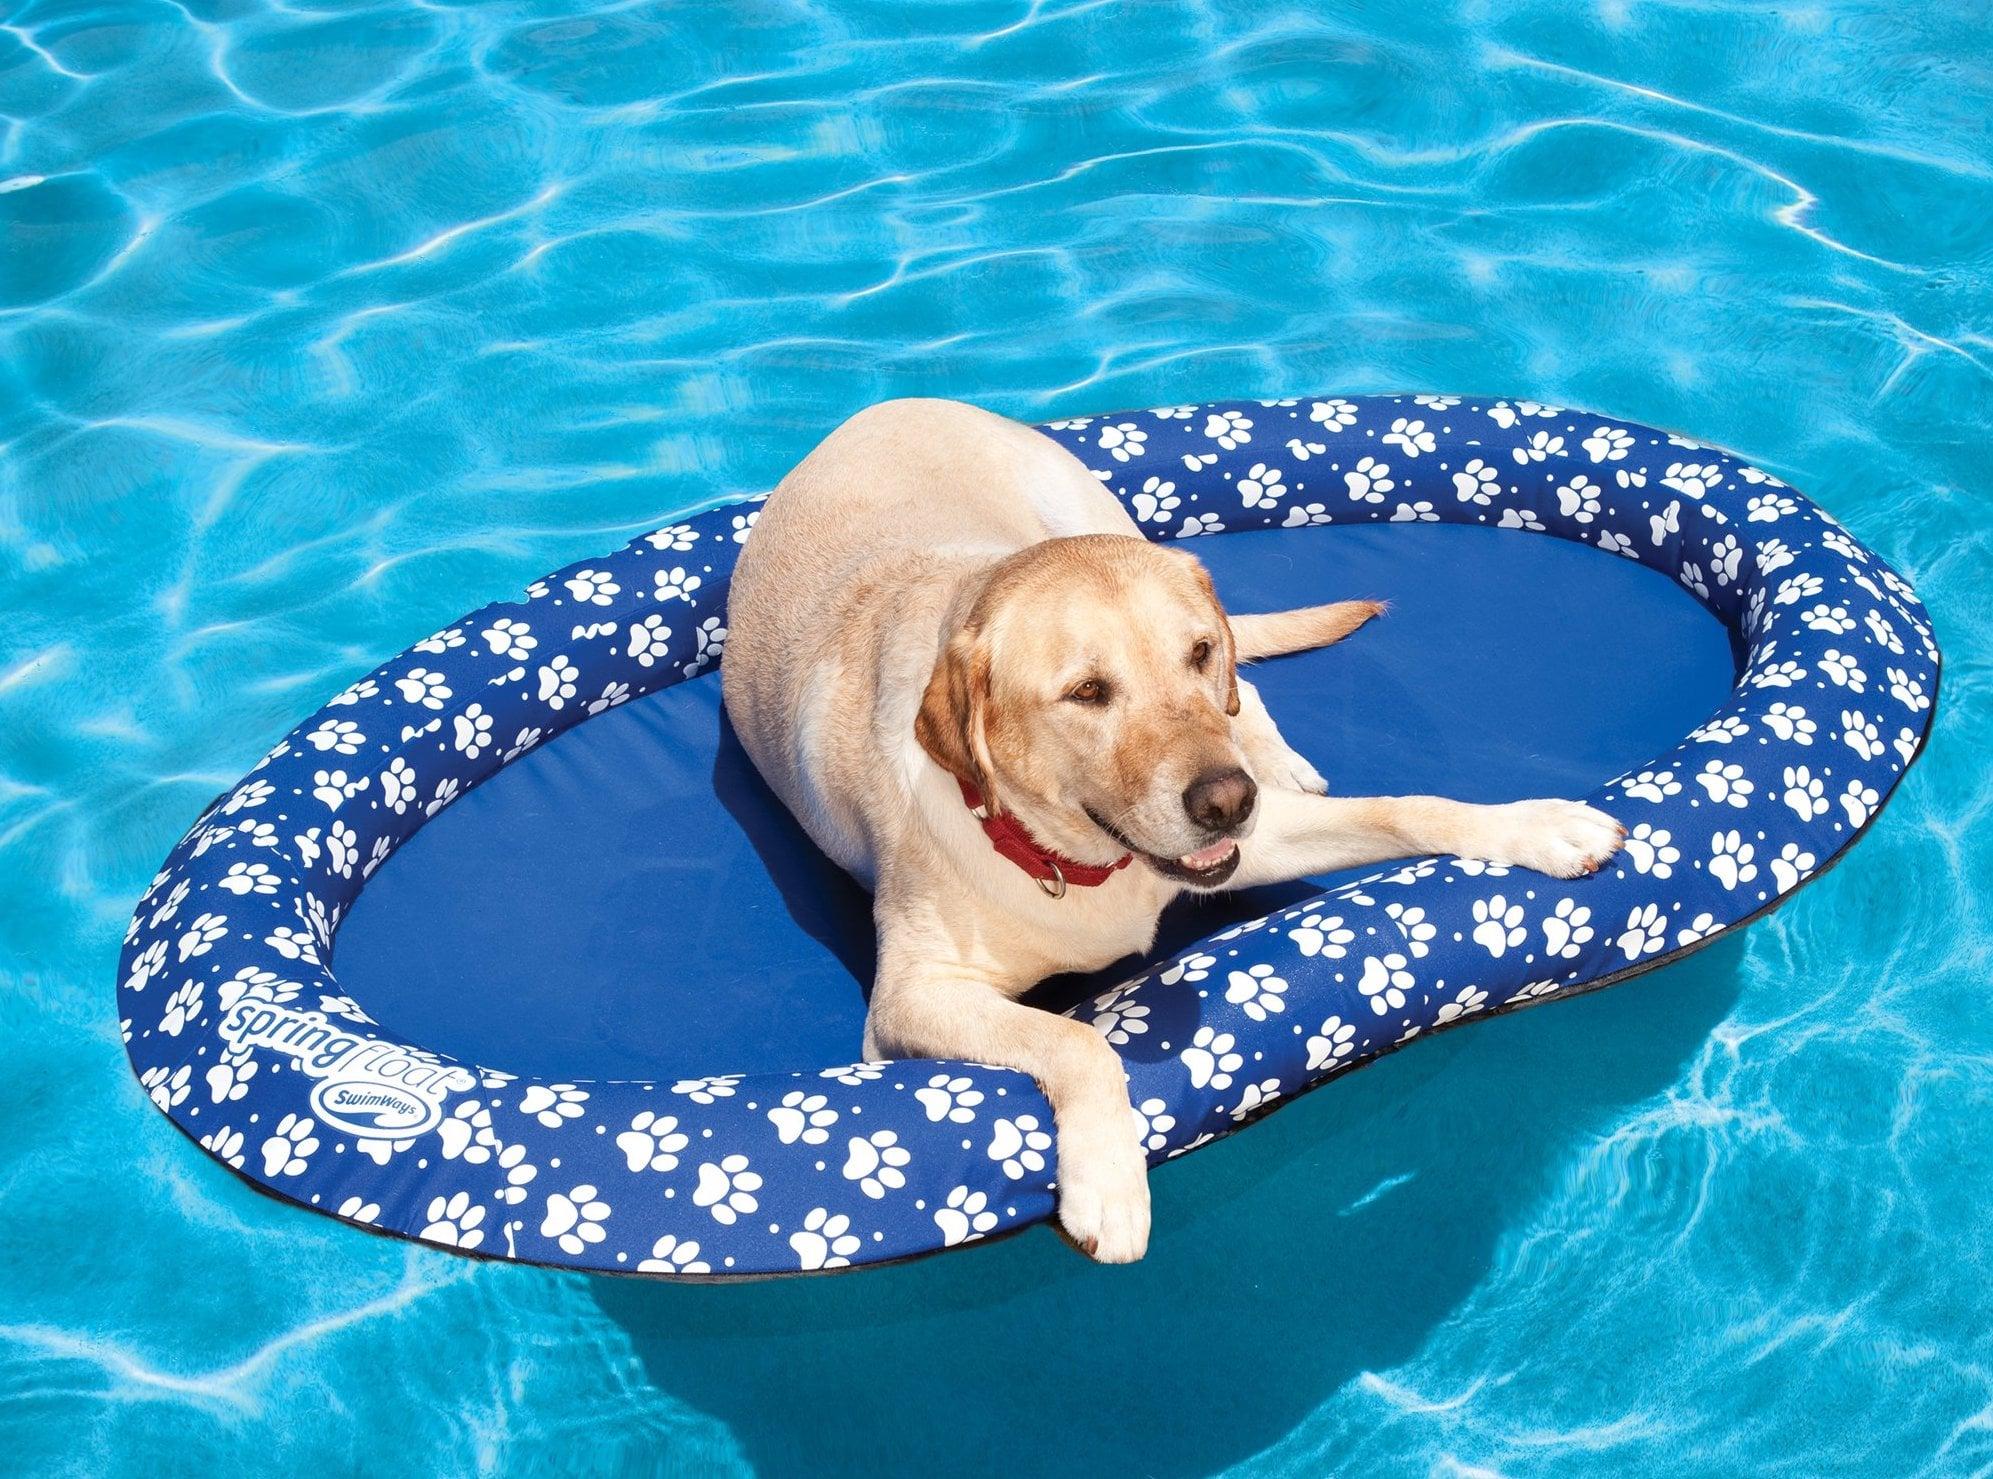 SwimWays Spring Float Paddle Paws Dog Pool Float | 33 Hot ...